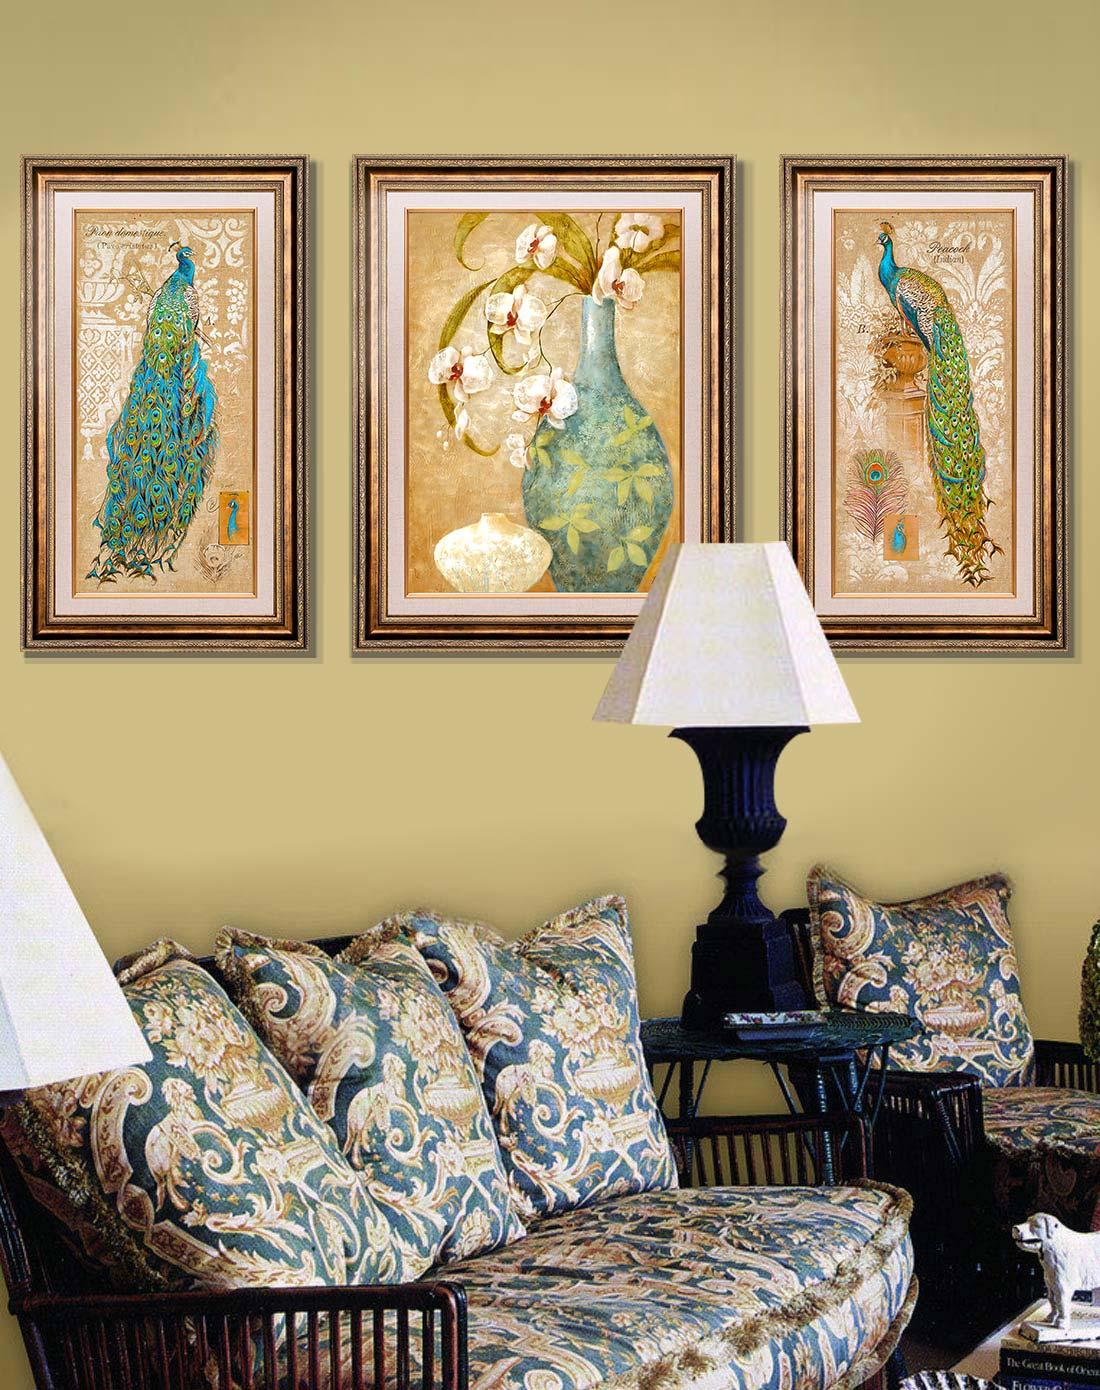 美式客厅高端装饰画 平安孔雀